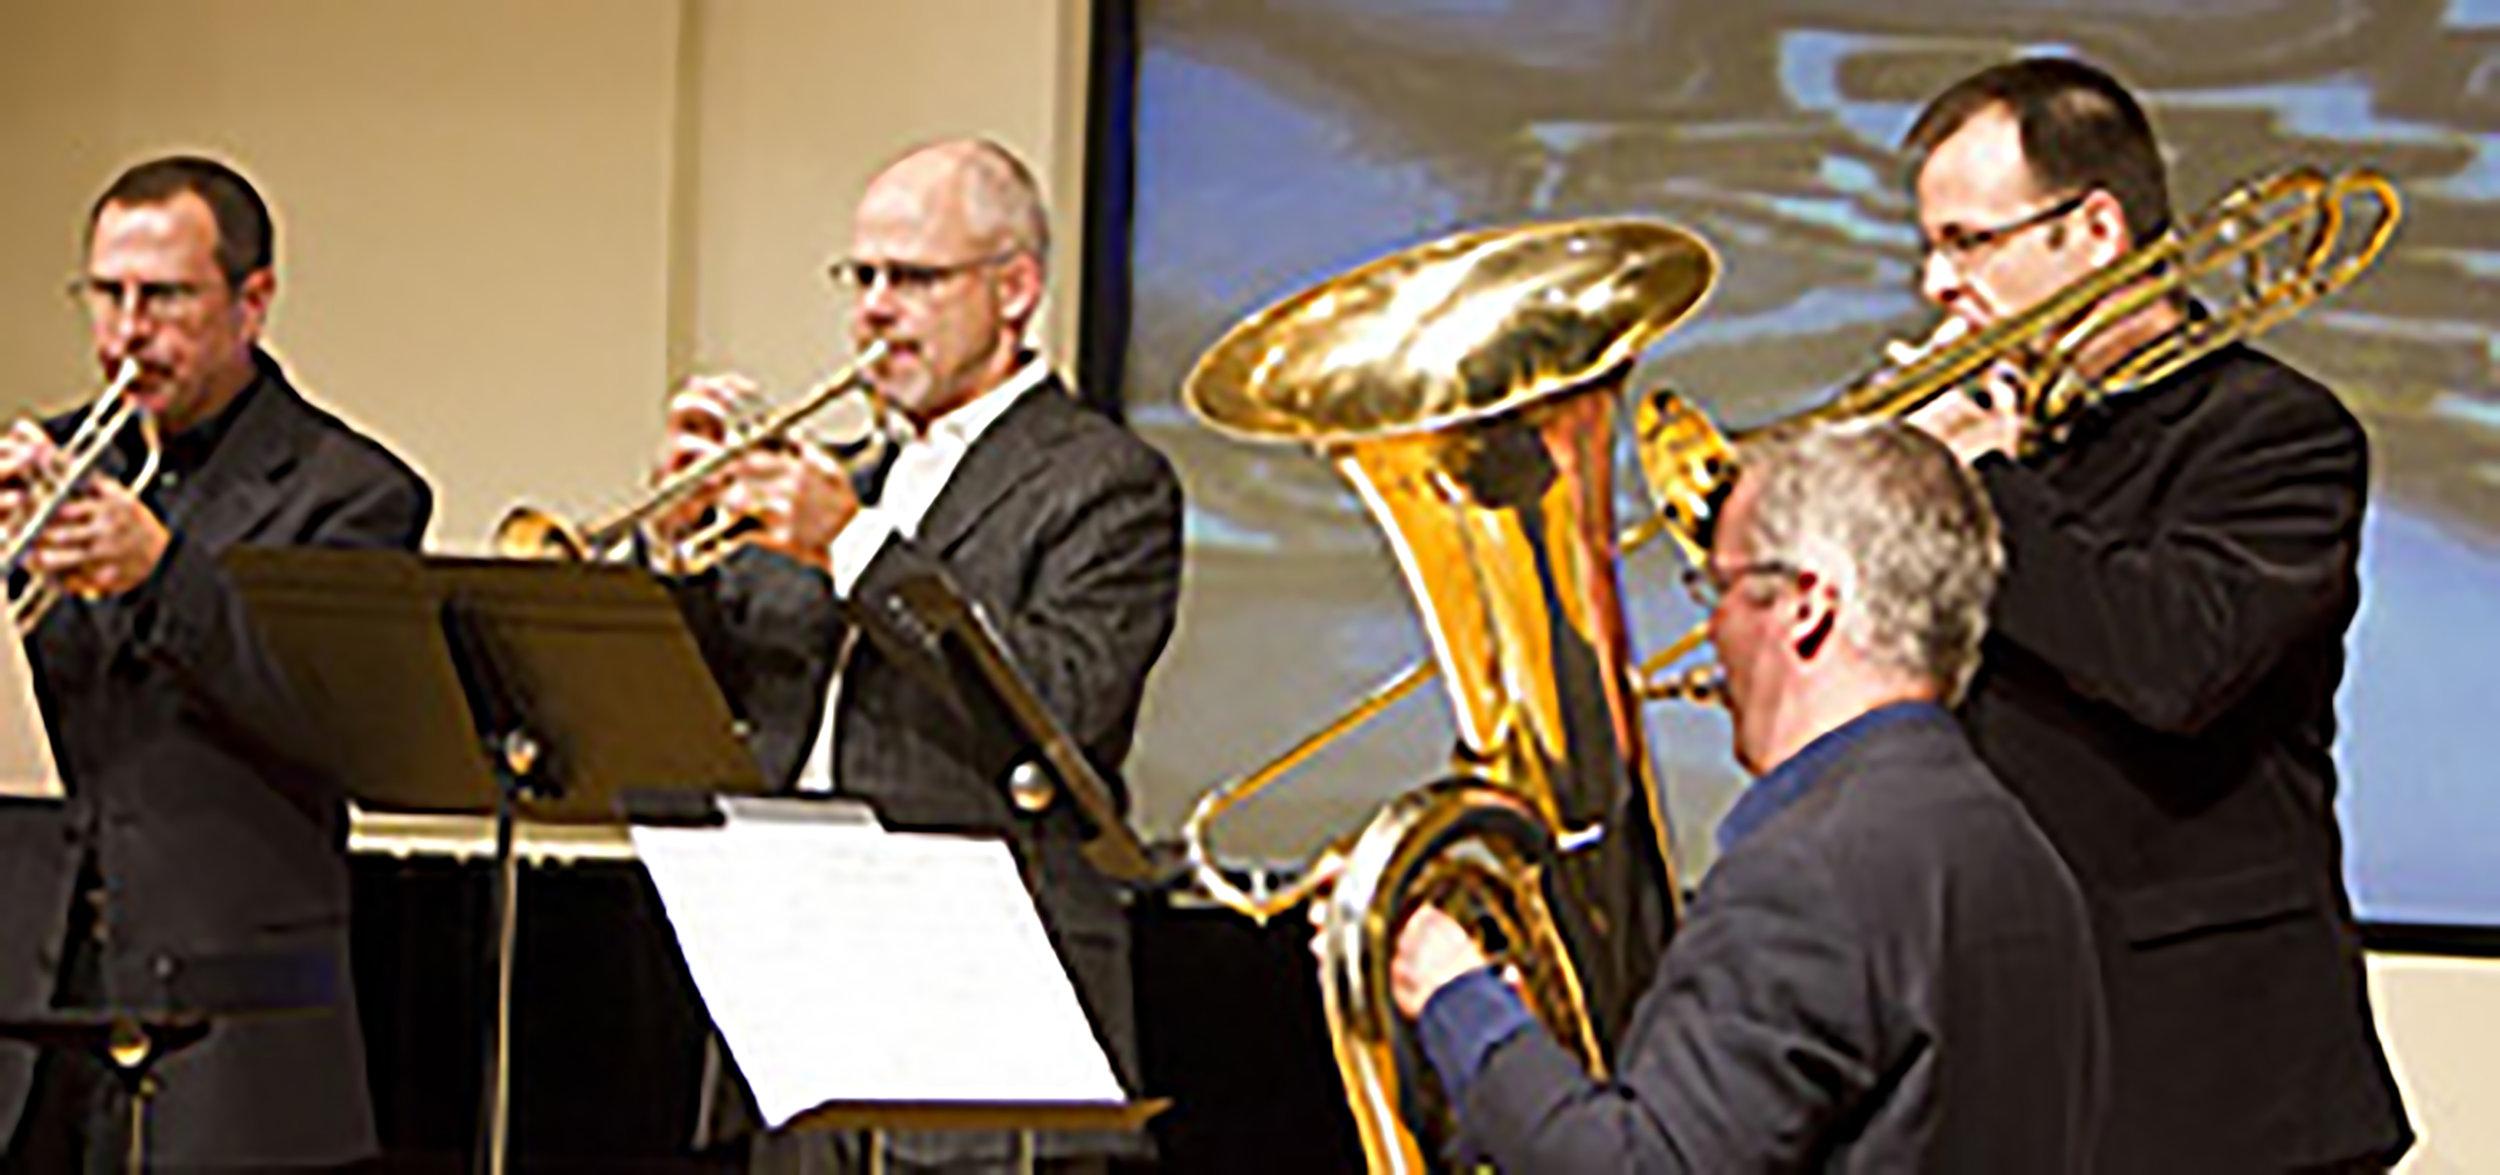 Cabaret with Fulcrum Point Brass